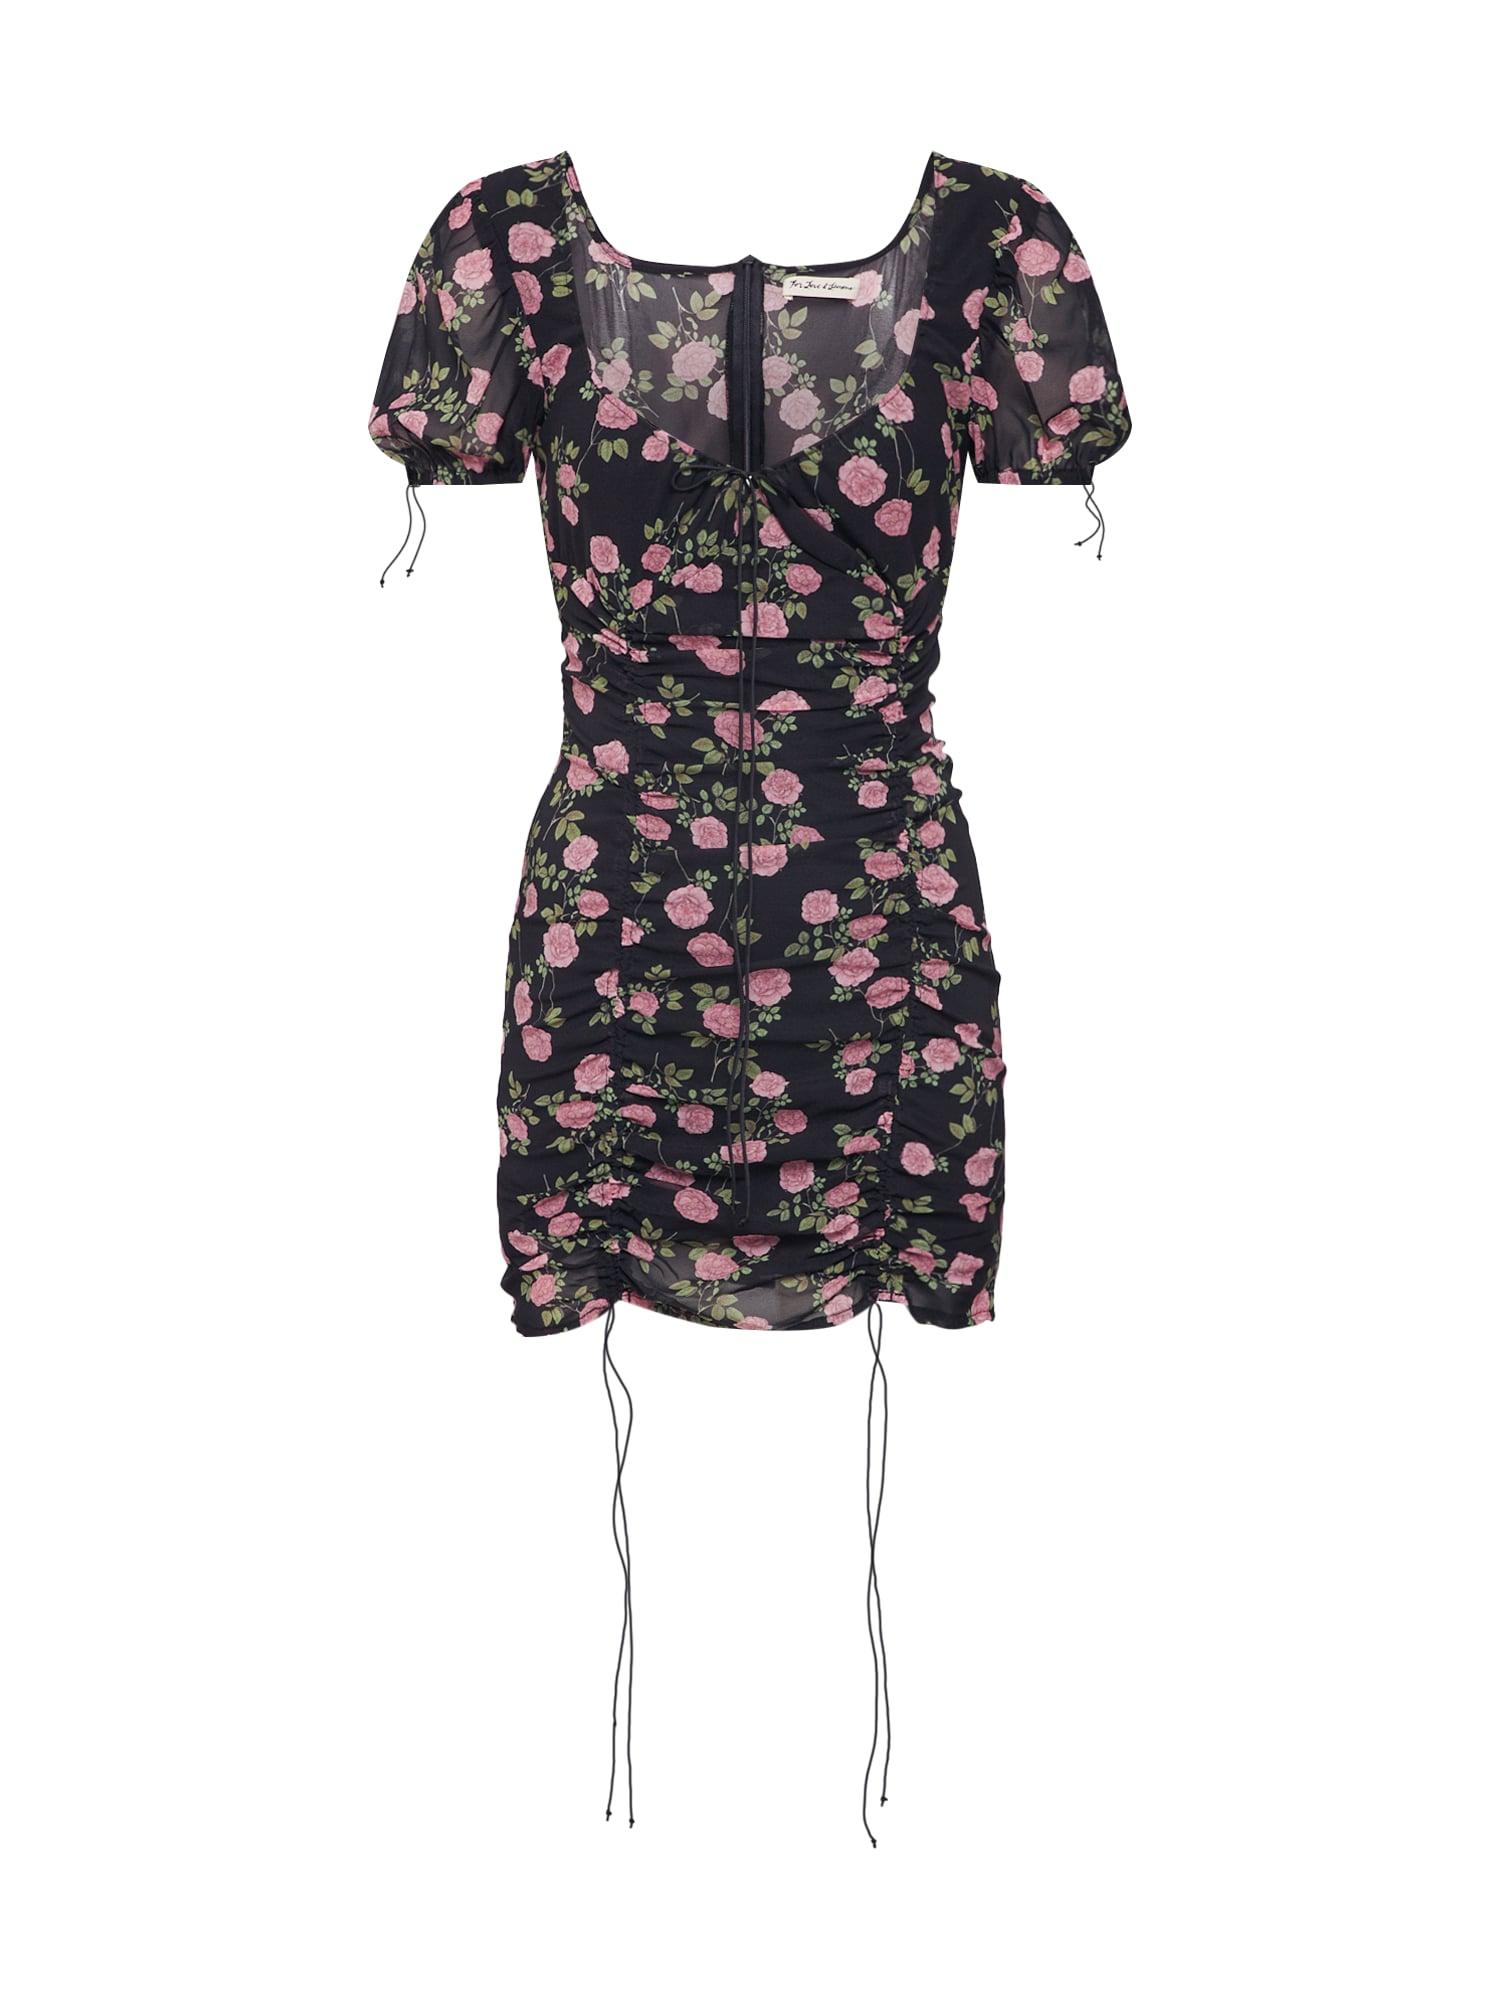 Letní šaty STRUDEL FLORAL mix barev černá For Love & Lemons